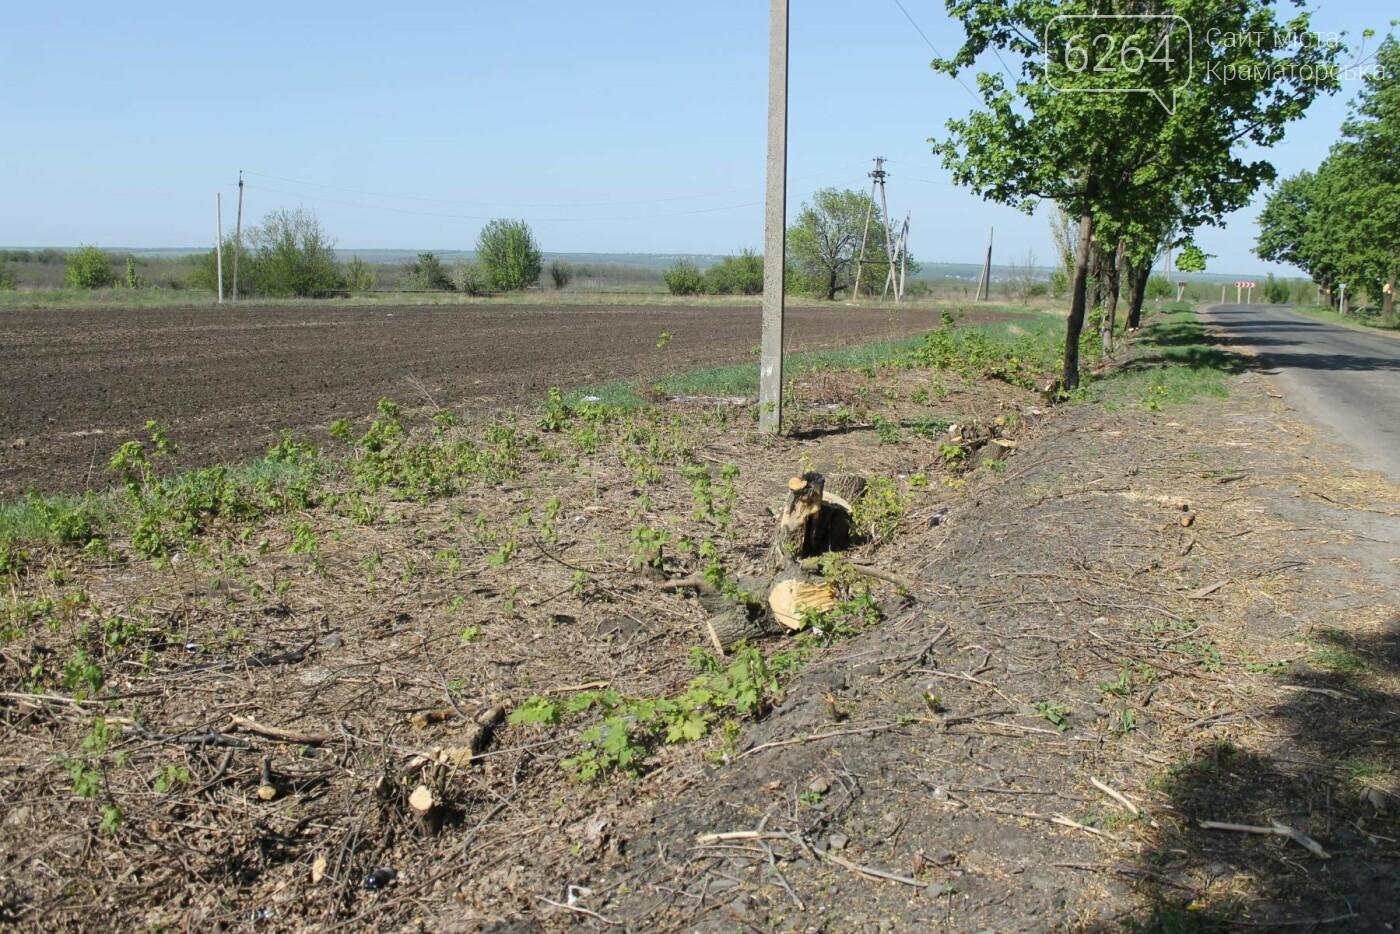 Опиловка близ Краматорска: непроглядный дым, вывоз отборного леса и скрытные «лесорубы», не знающие для кого и чего работают, фото-4